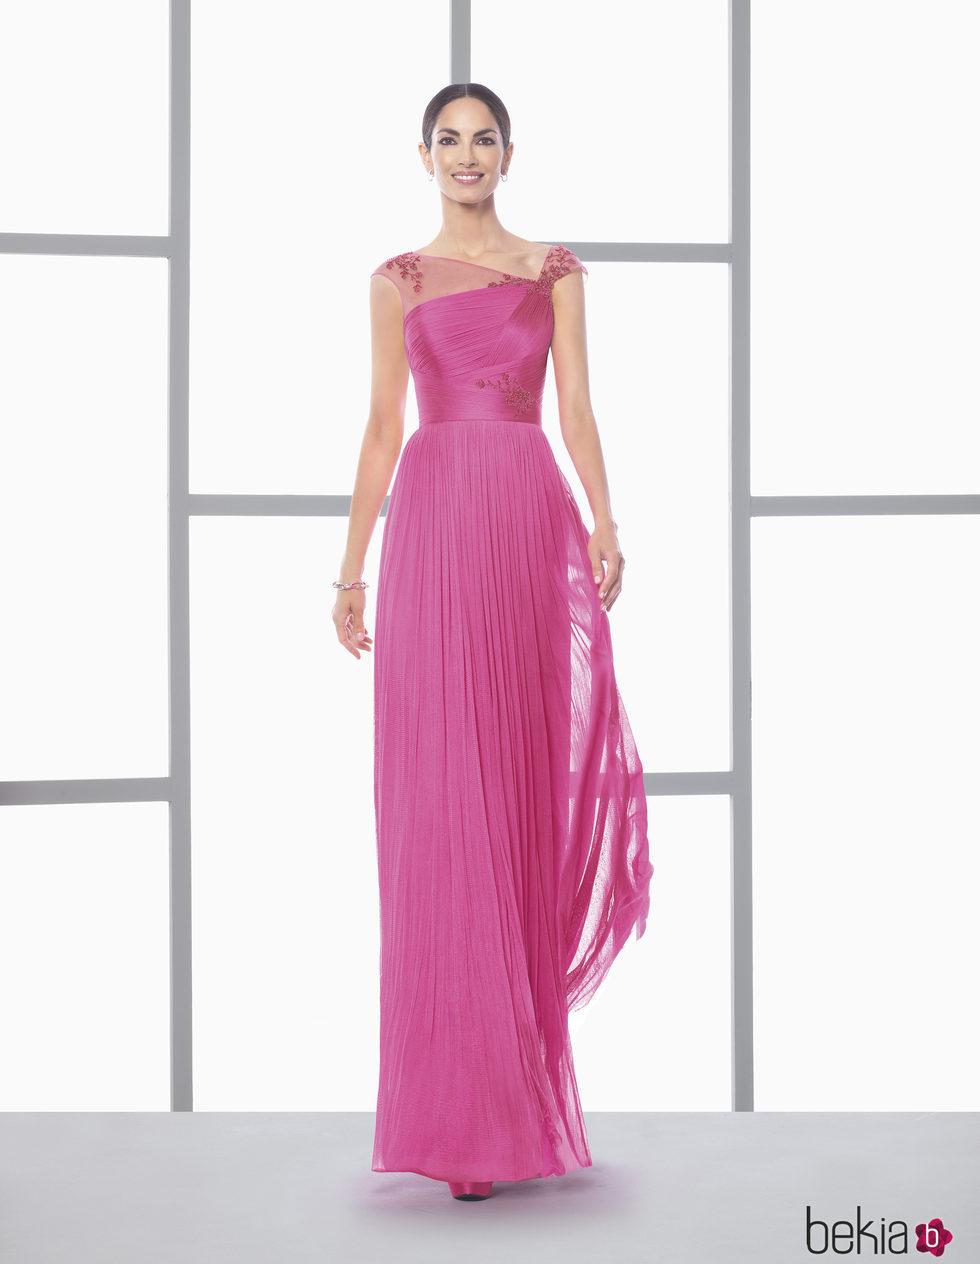 Increíble Vestidos De Cóctel Descarado Ideas - Colección de Vestidos ...